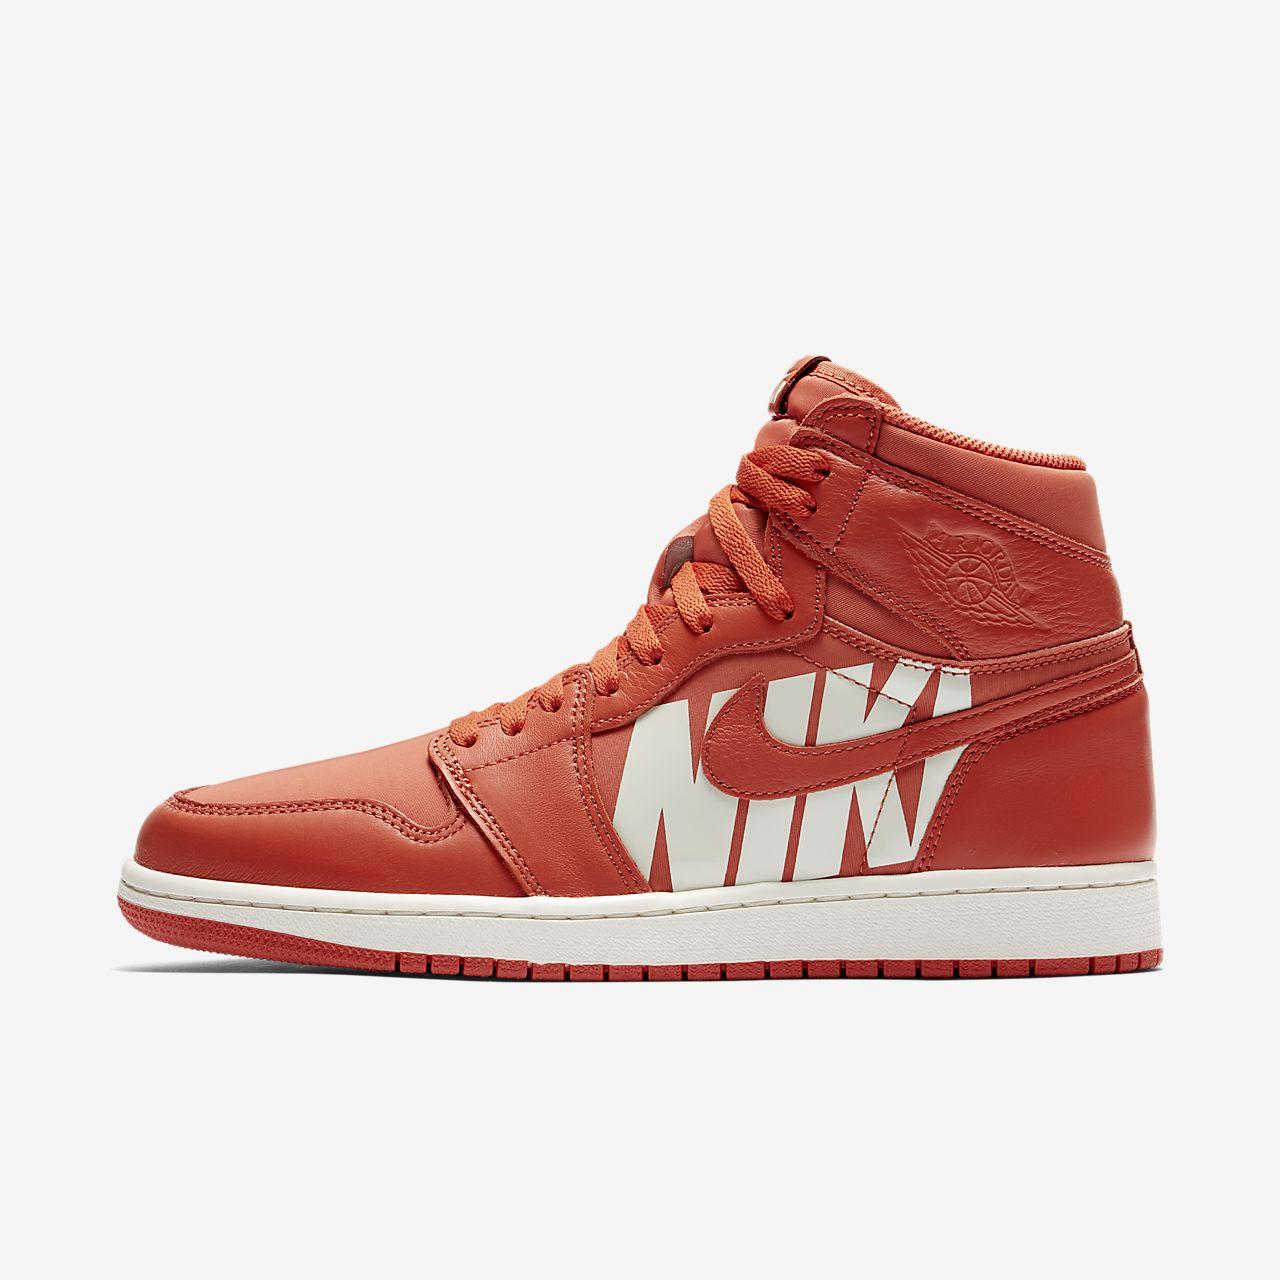 6a66a23febd Calzado Air Jordan 1 Retro High OG. Nike.com MX